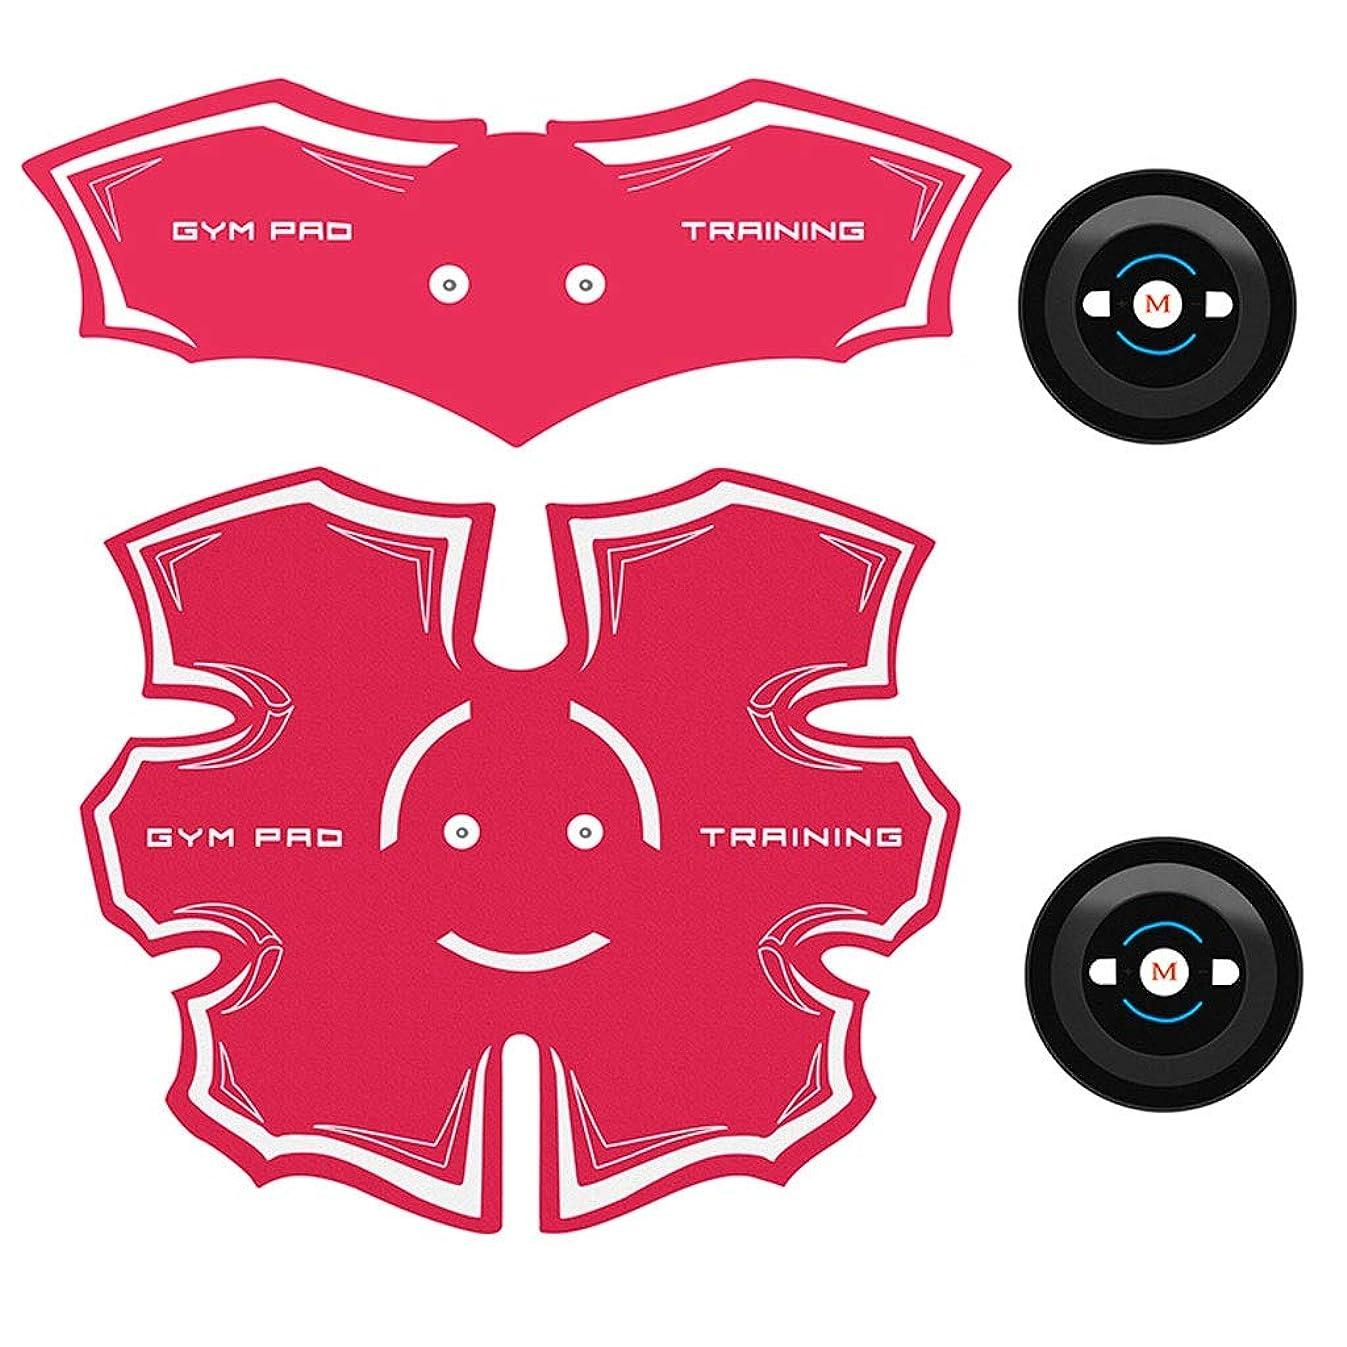 束平和な苗ABSトレーナーEMS筋肉刺激装置付き - USB充電式究極腹部刺激装置付きリズム&ソフトインパルス - ポータブル筋肉トナーで簡単な操作 (Color : Pink, Size : D)